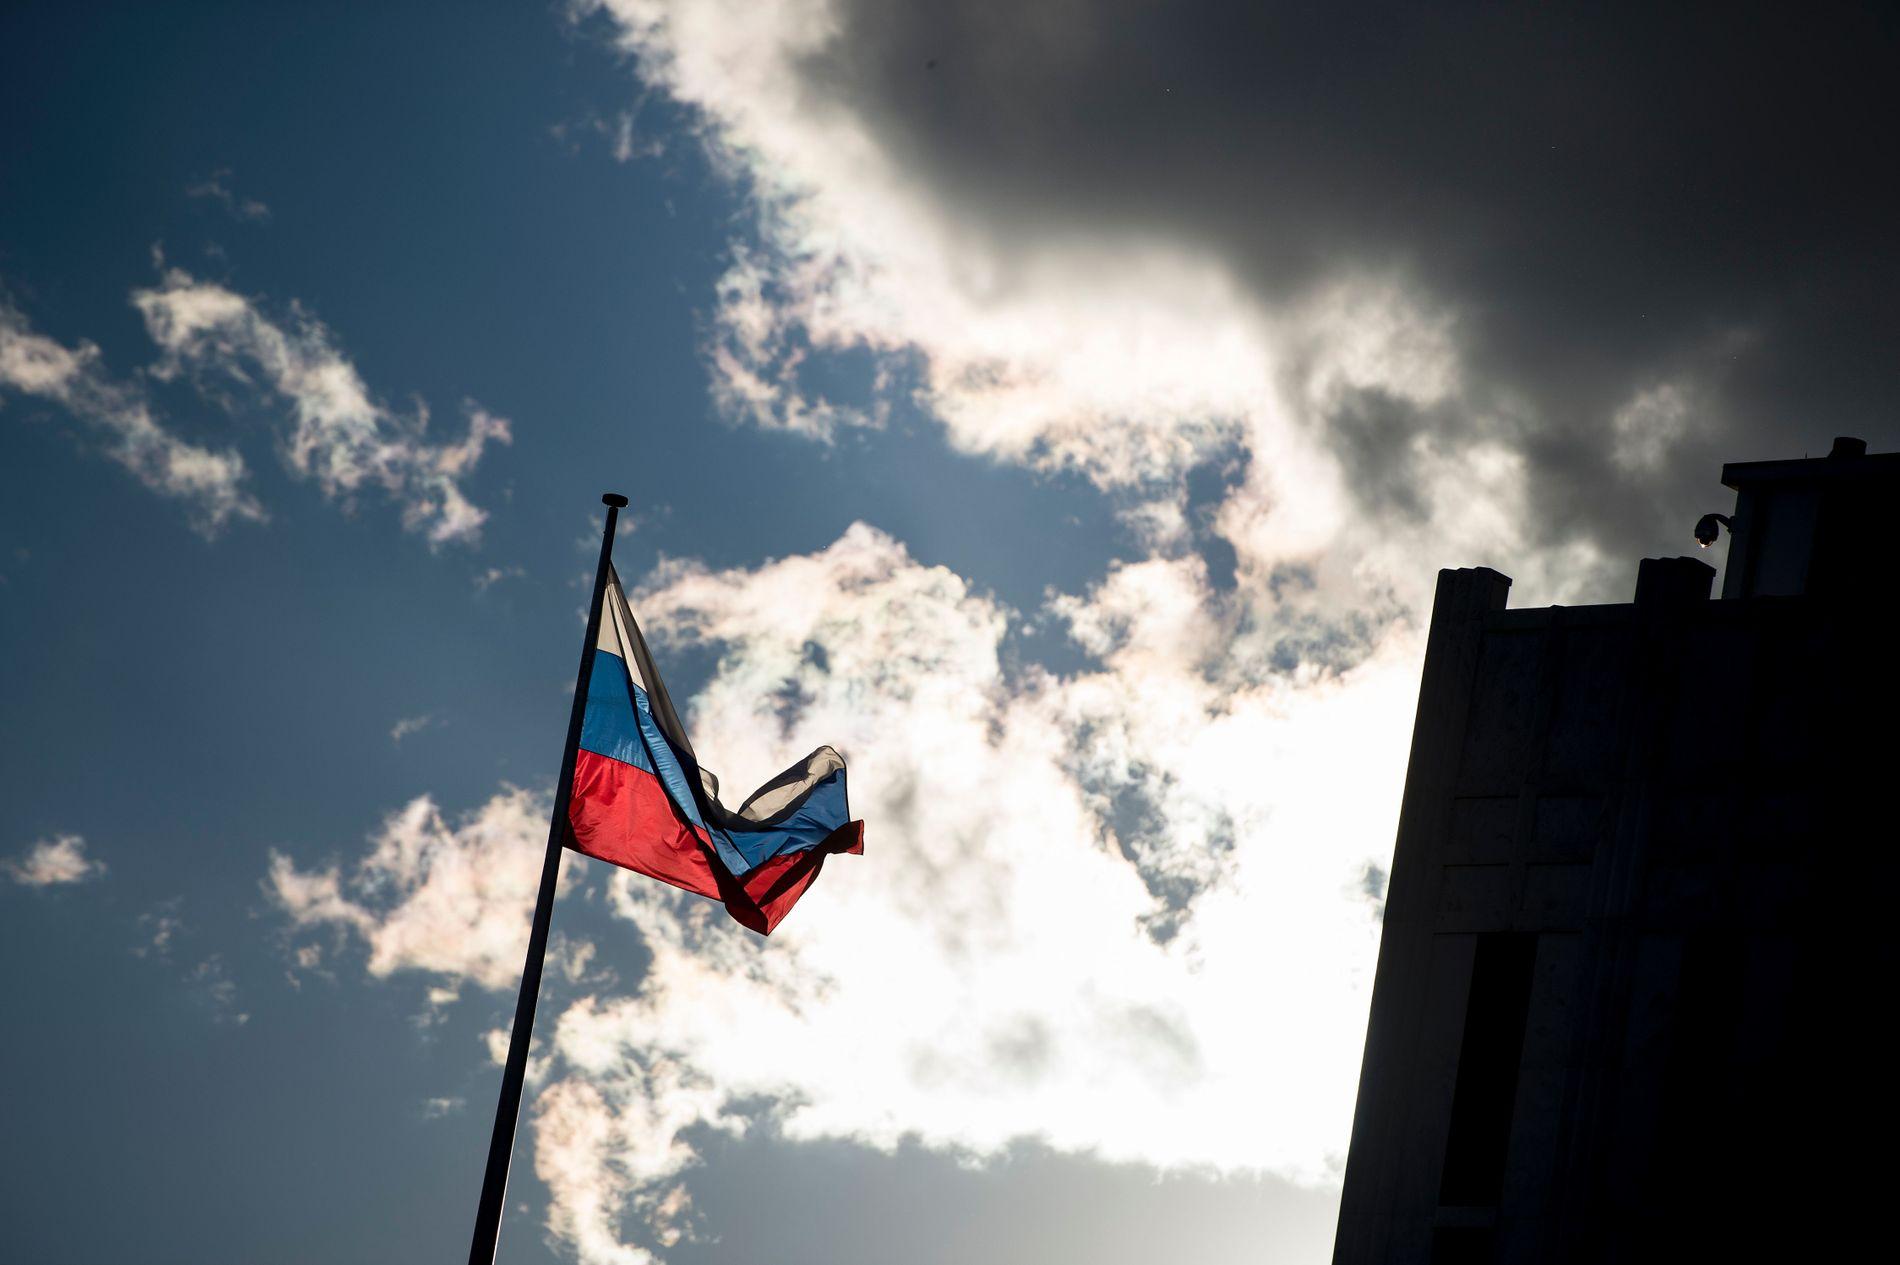 NEKTER FOR PROPAGANDAKRIG: Den russiske ambassaden i Oslo sier til VG at informasjonskrig føres av noen krefter i Latvia og en rekke NATOs land, men ikke av Russland. FOTO: AFP